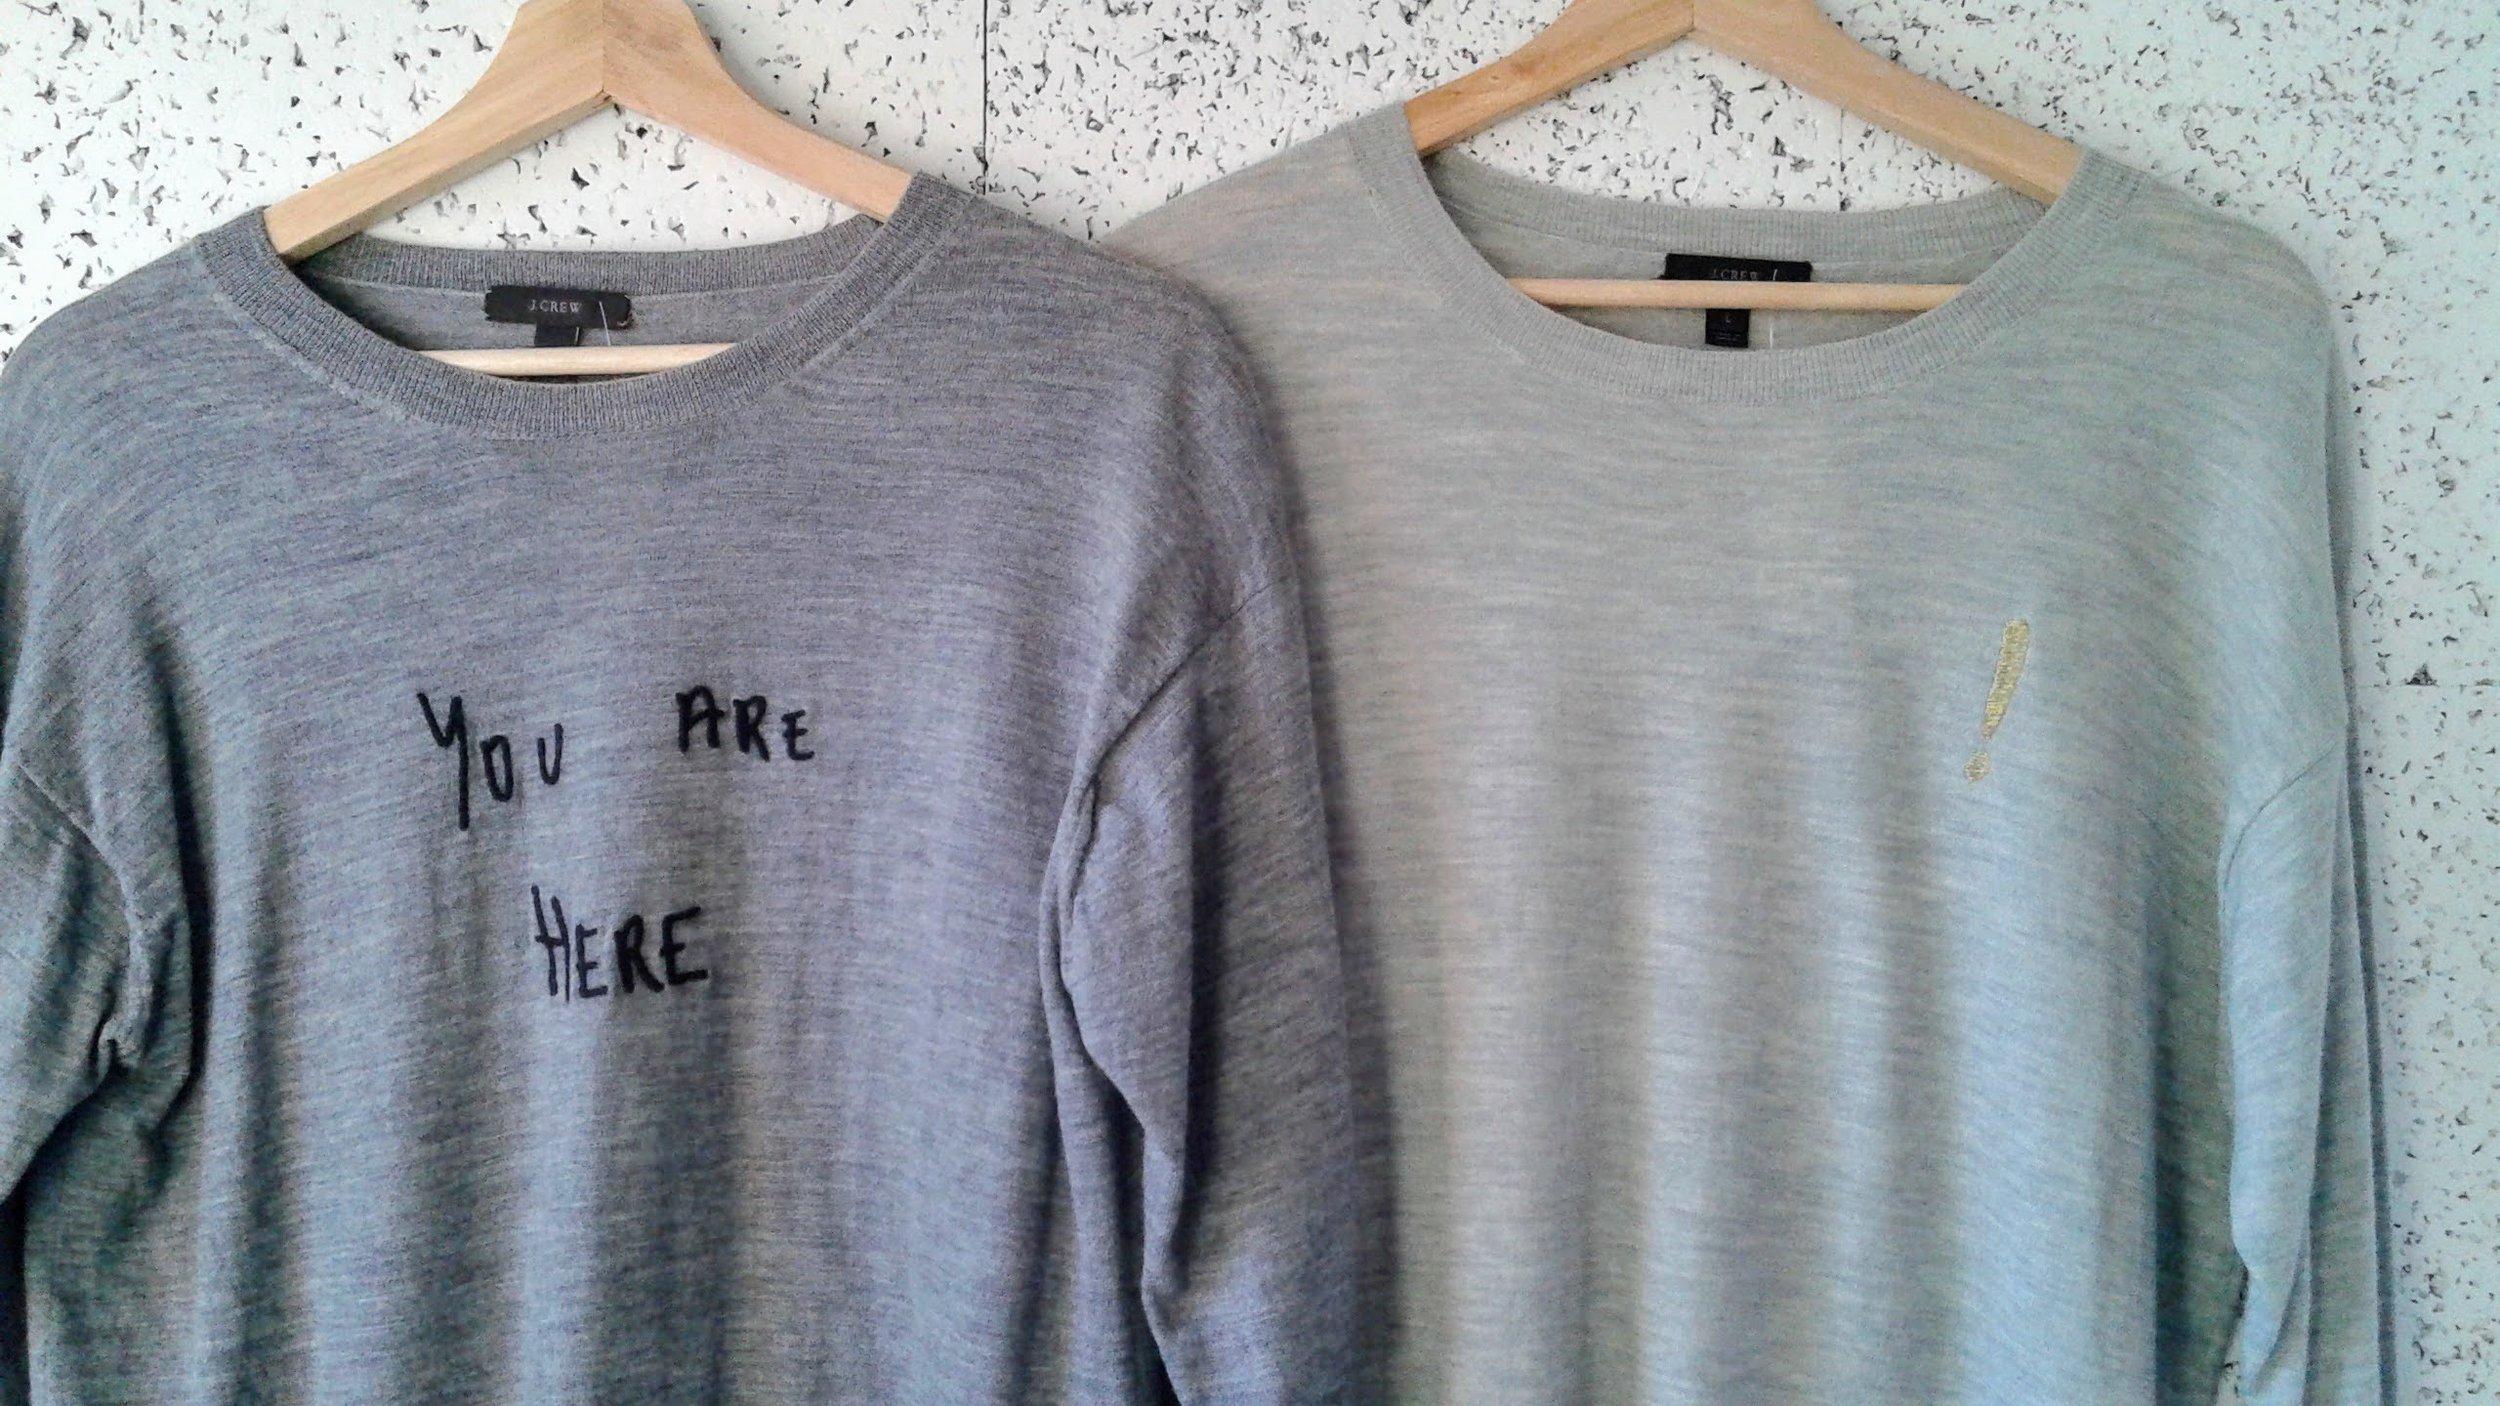 JCrew sweater; Size M, $32. JCrew sweater; Size L, $34